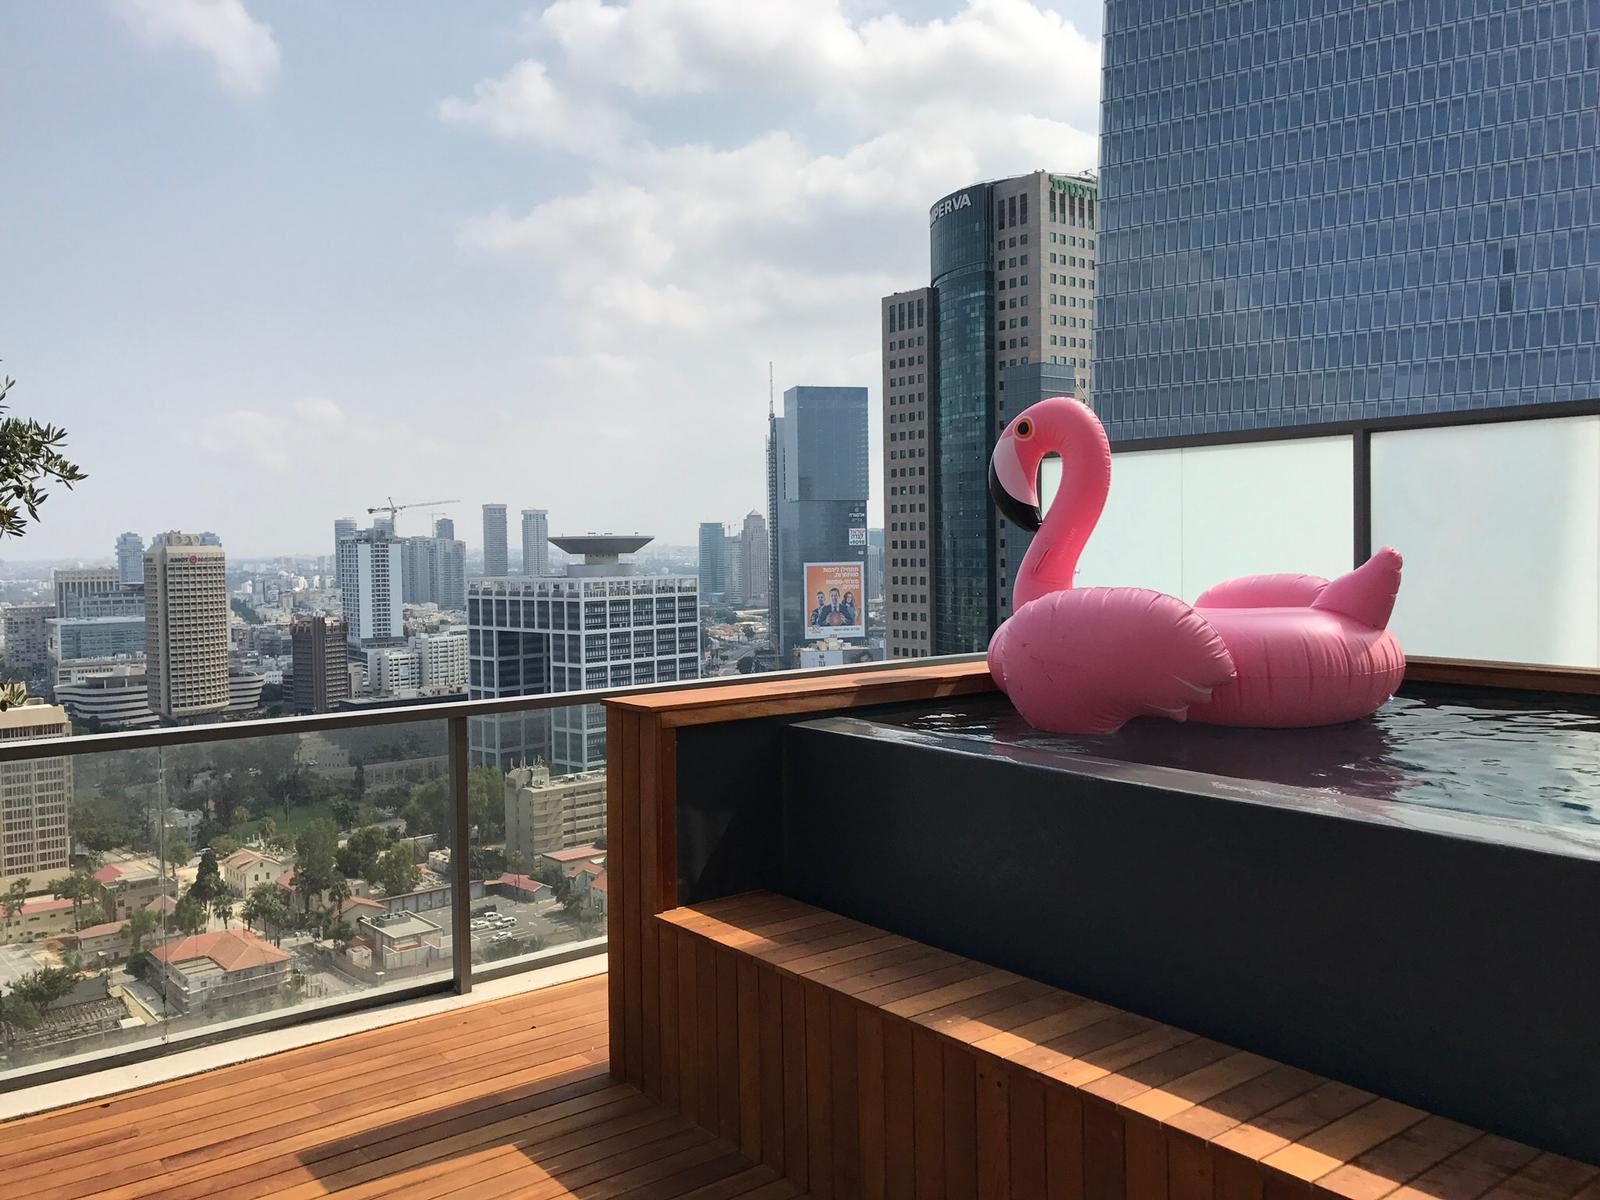 למעלה להשכרה פנטהאוז במגדלי שרונה - קמפינסקי דירות יוקרה בתל אביב XV-35